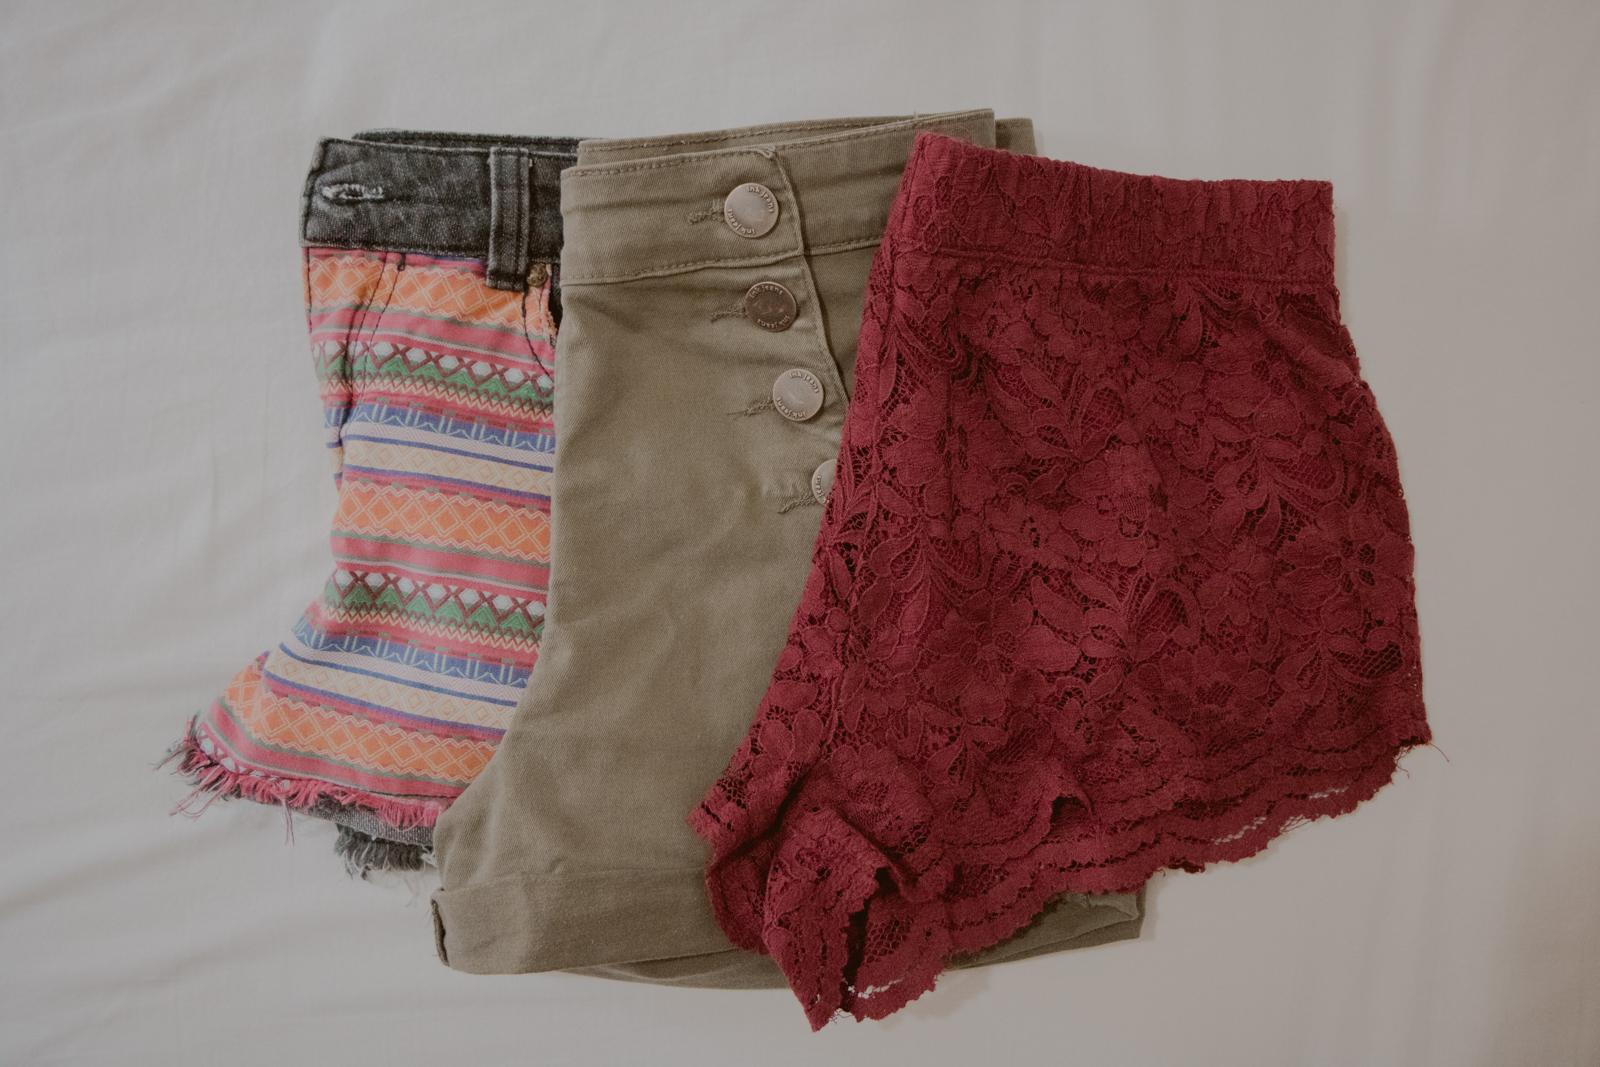 shorts diferentes cores e tecidos